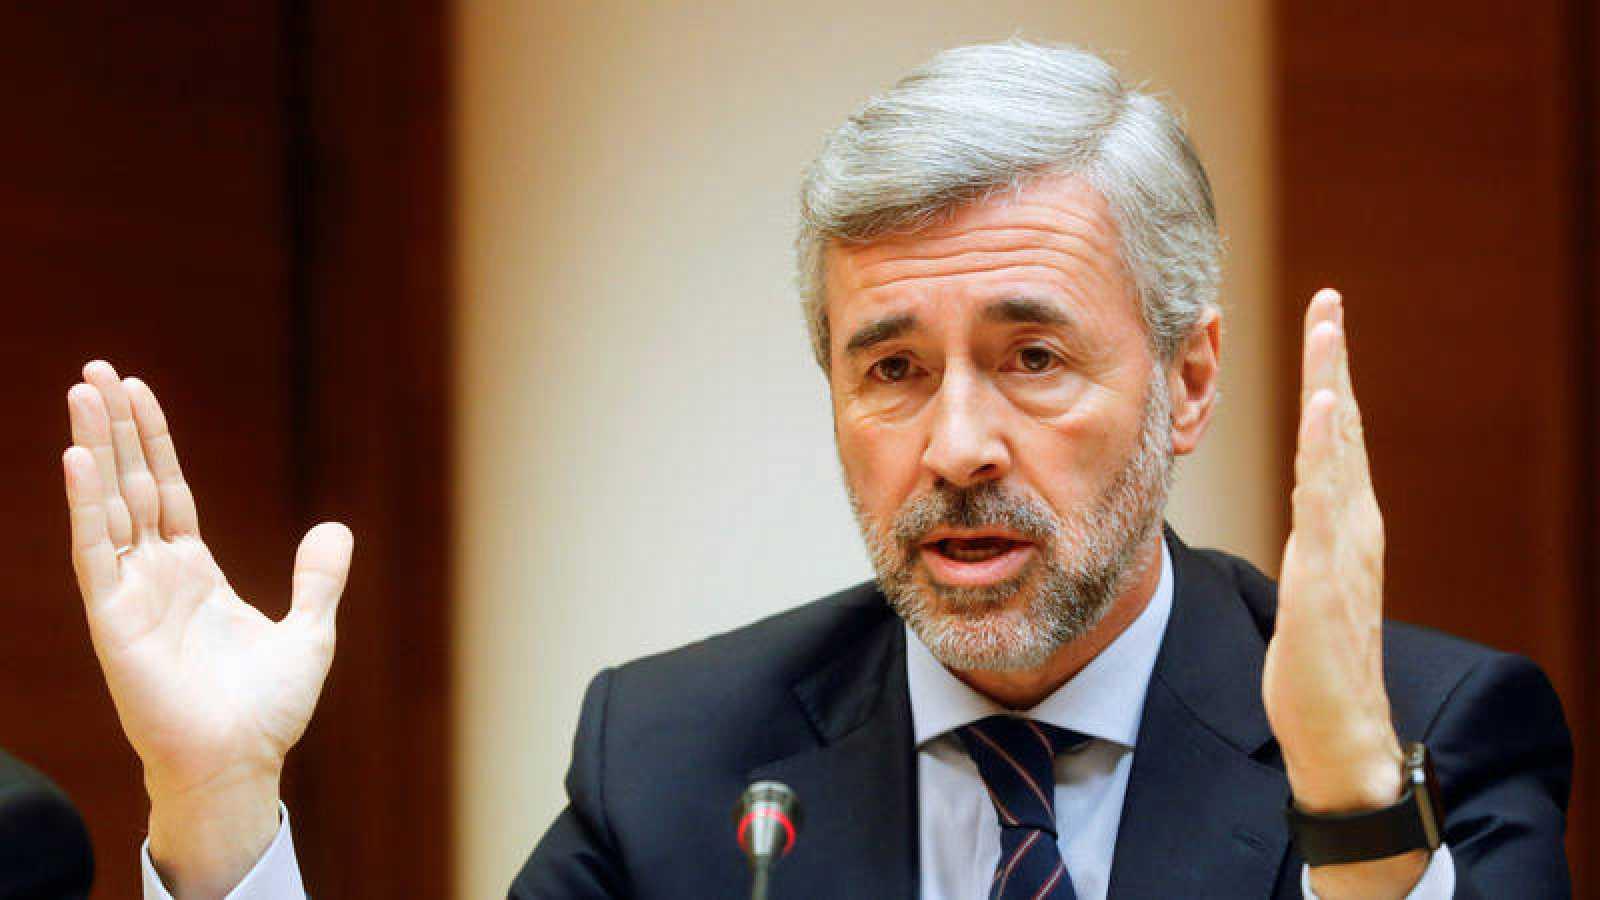 El exsecretario general del PP, Ángel Acebes, comparece en la Comisión de investigación de Les Corts Valencianes